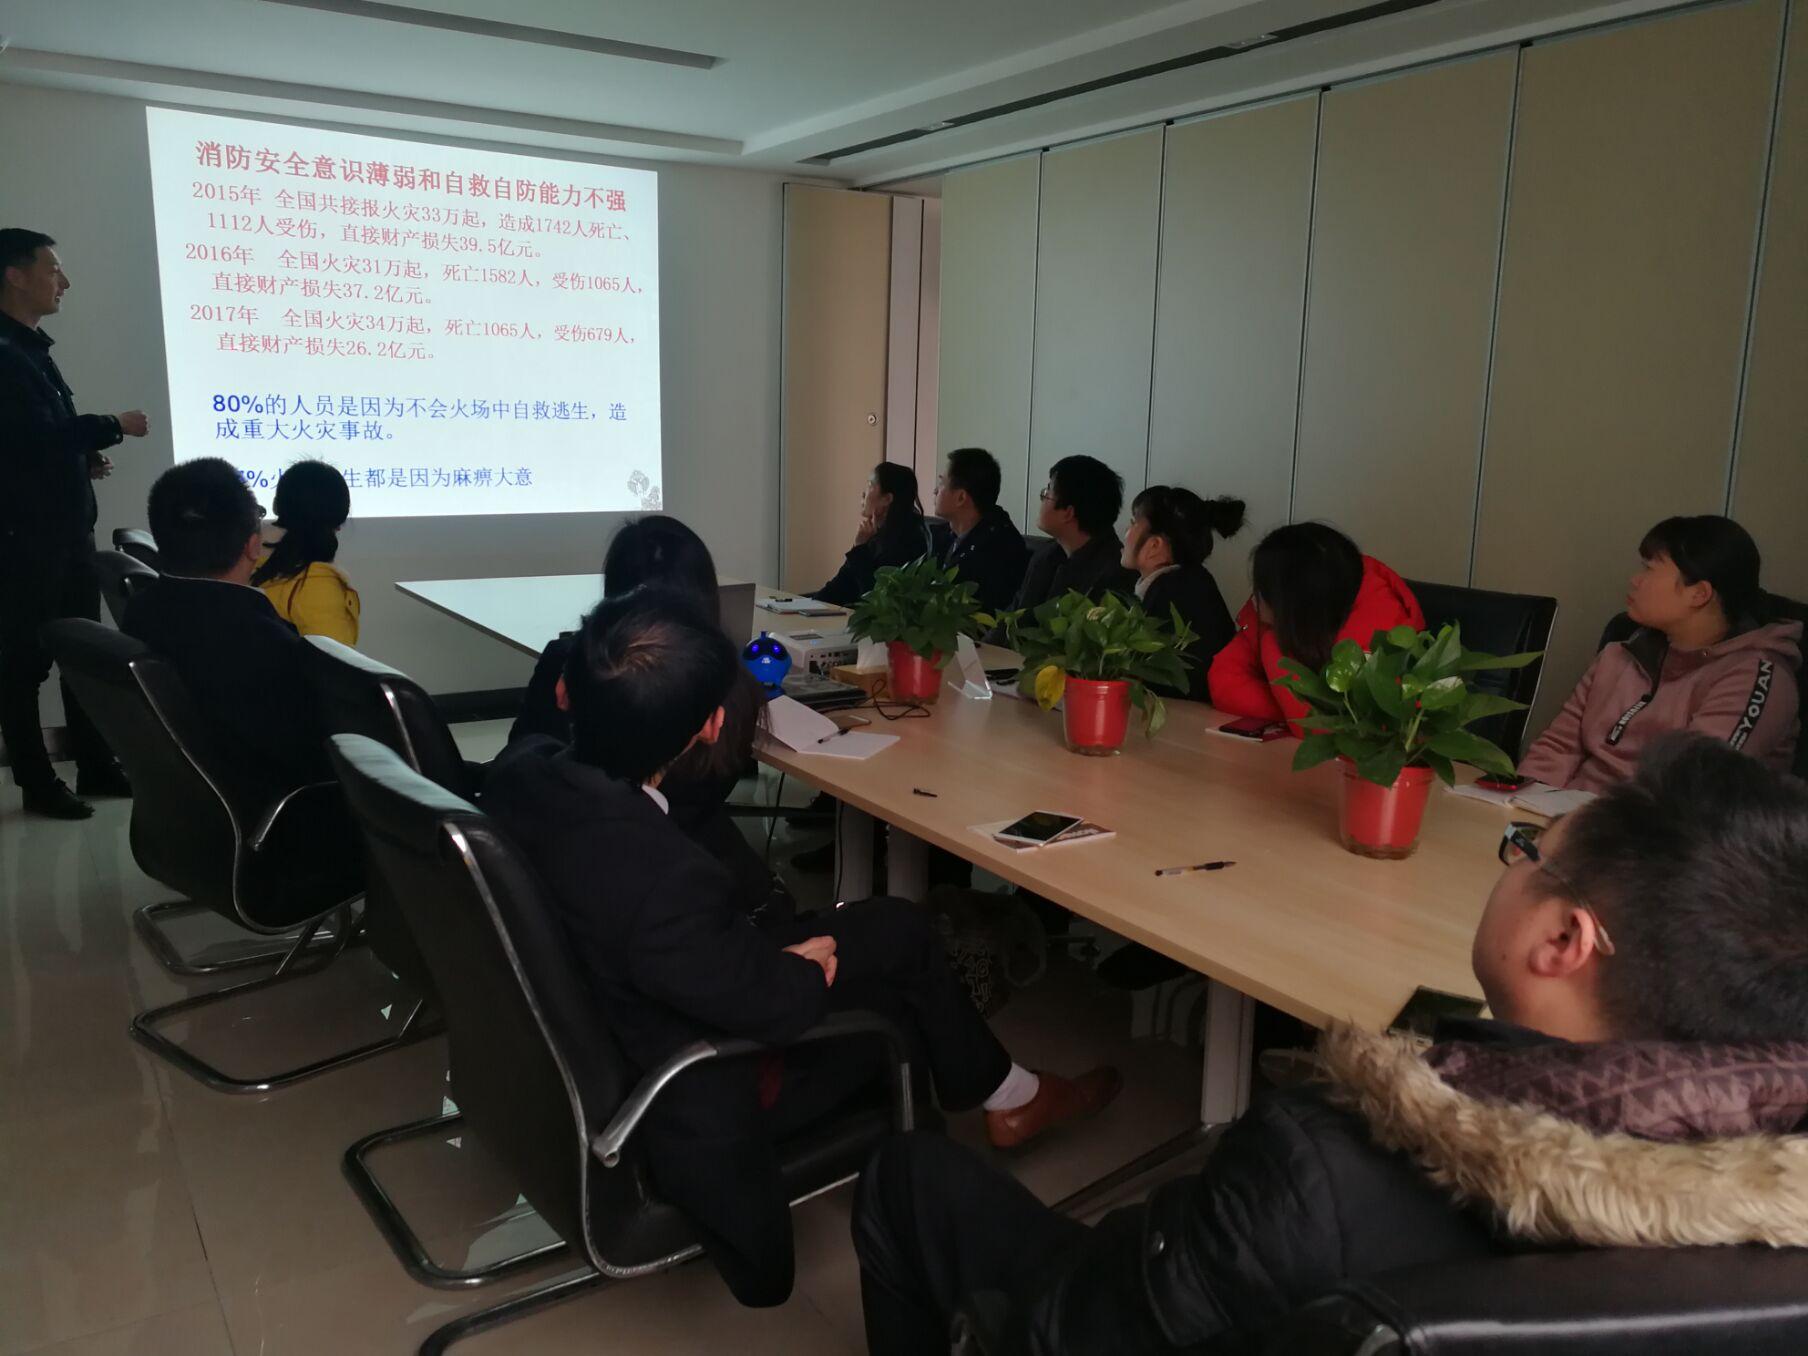 公司邀请消防办来公司进行消防培训